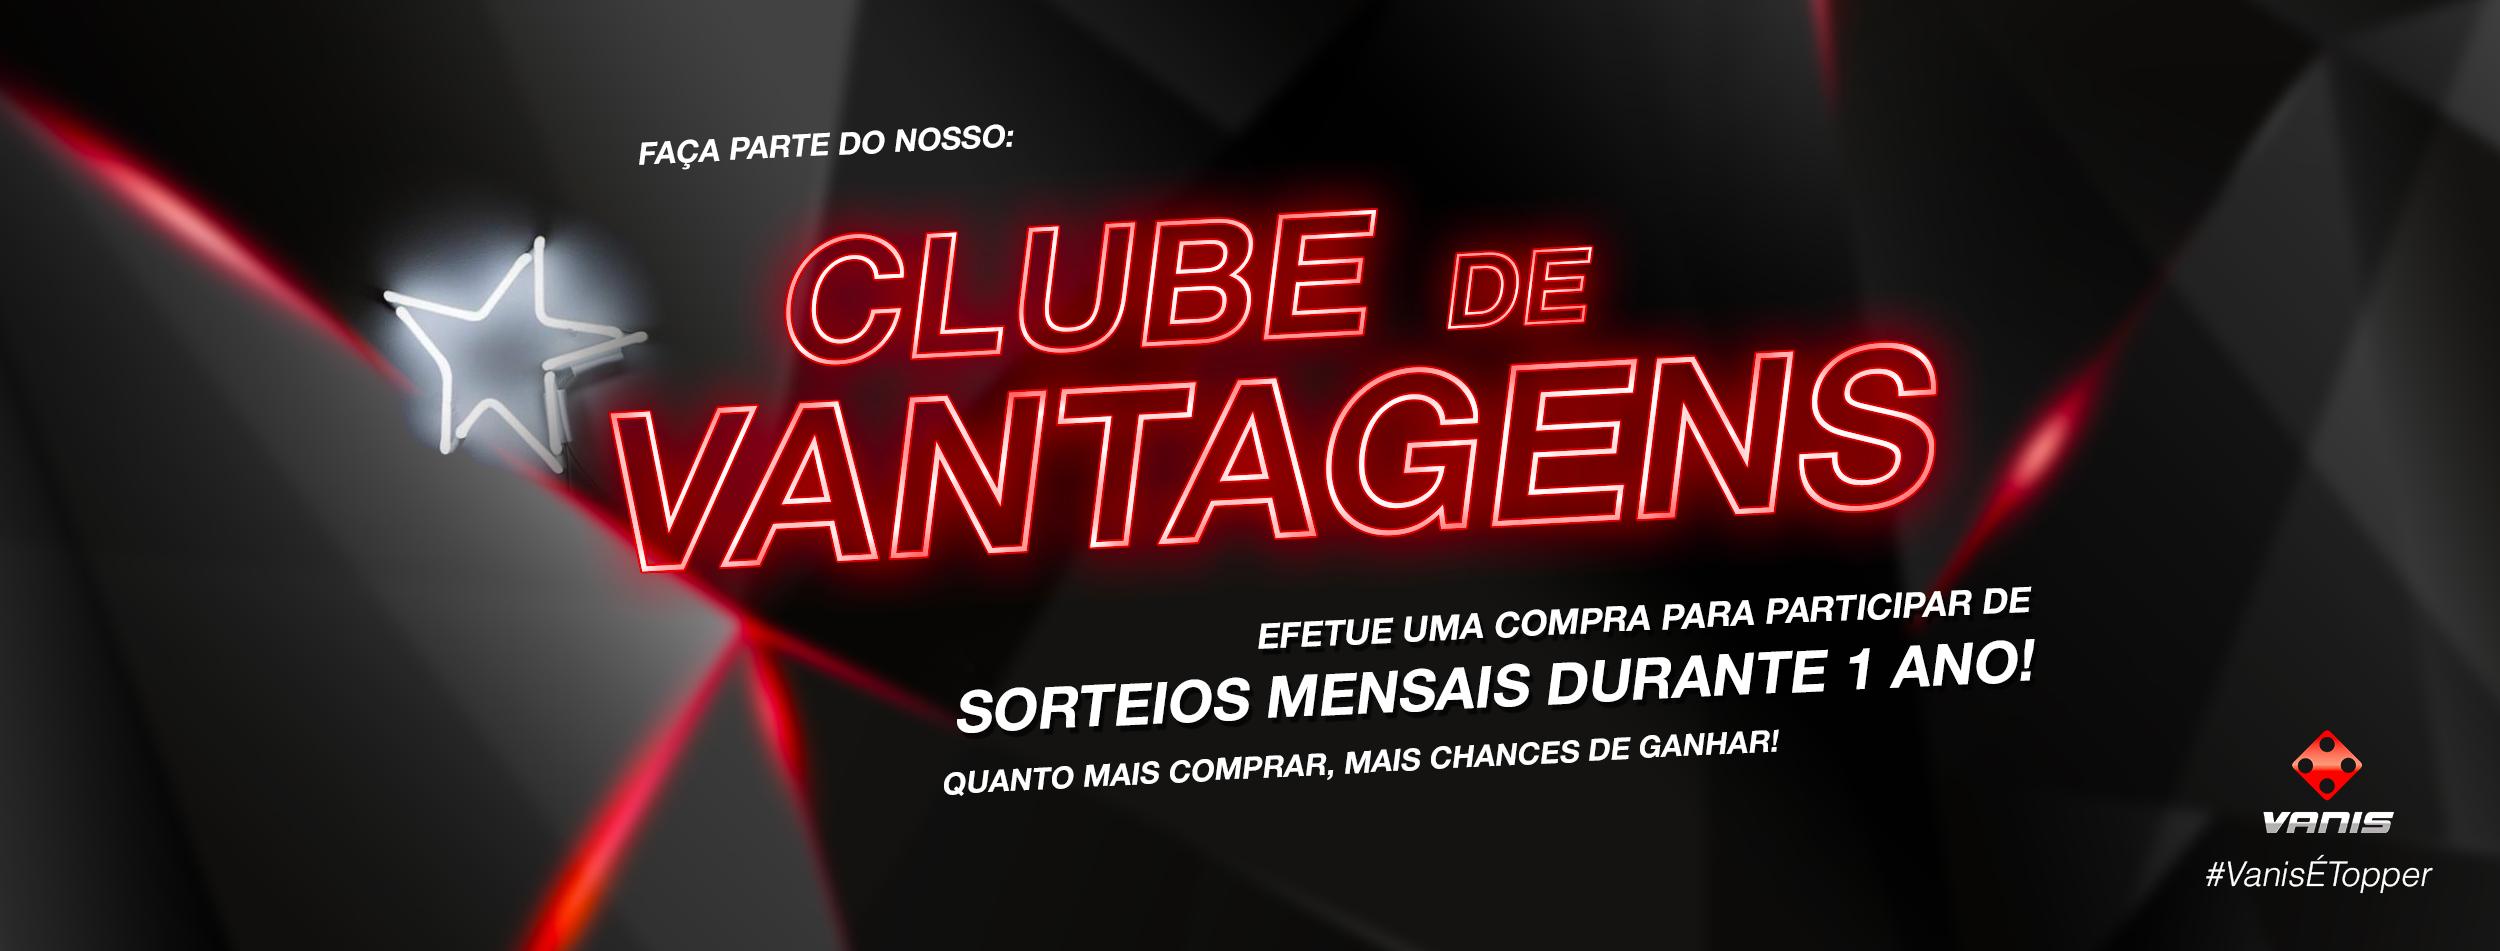 Clube de Vantagens JPG